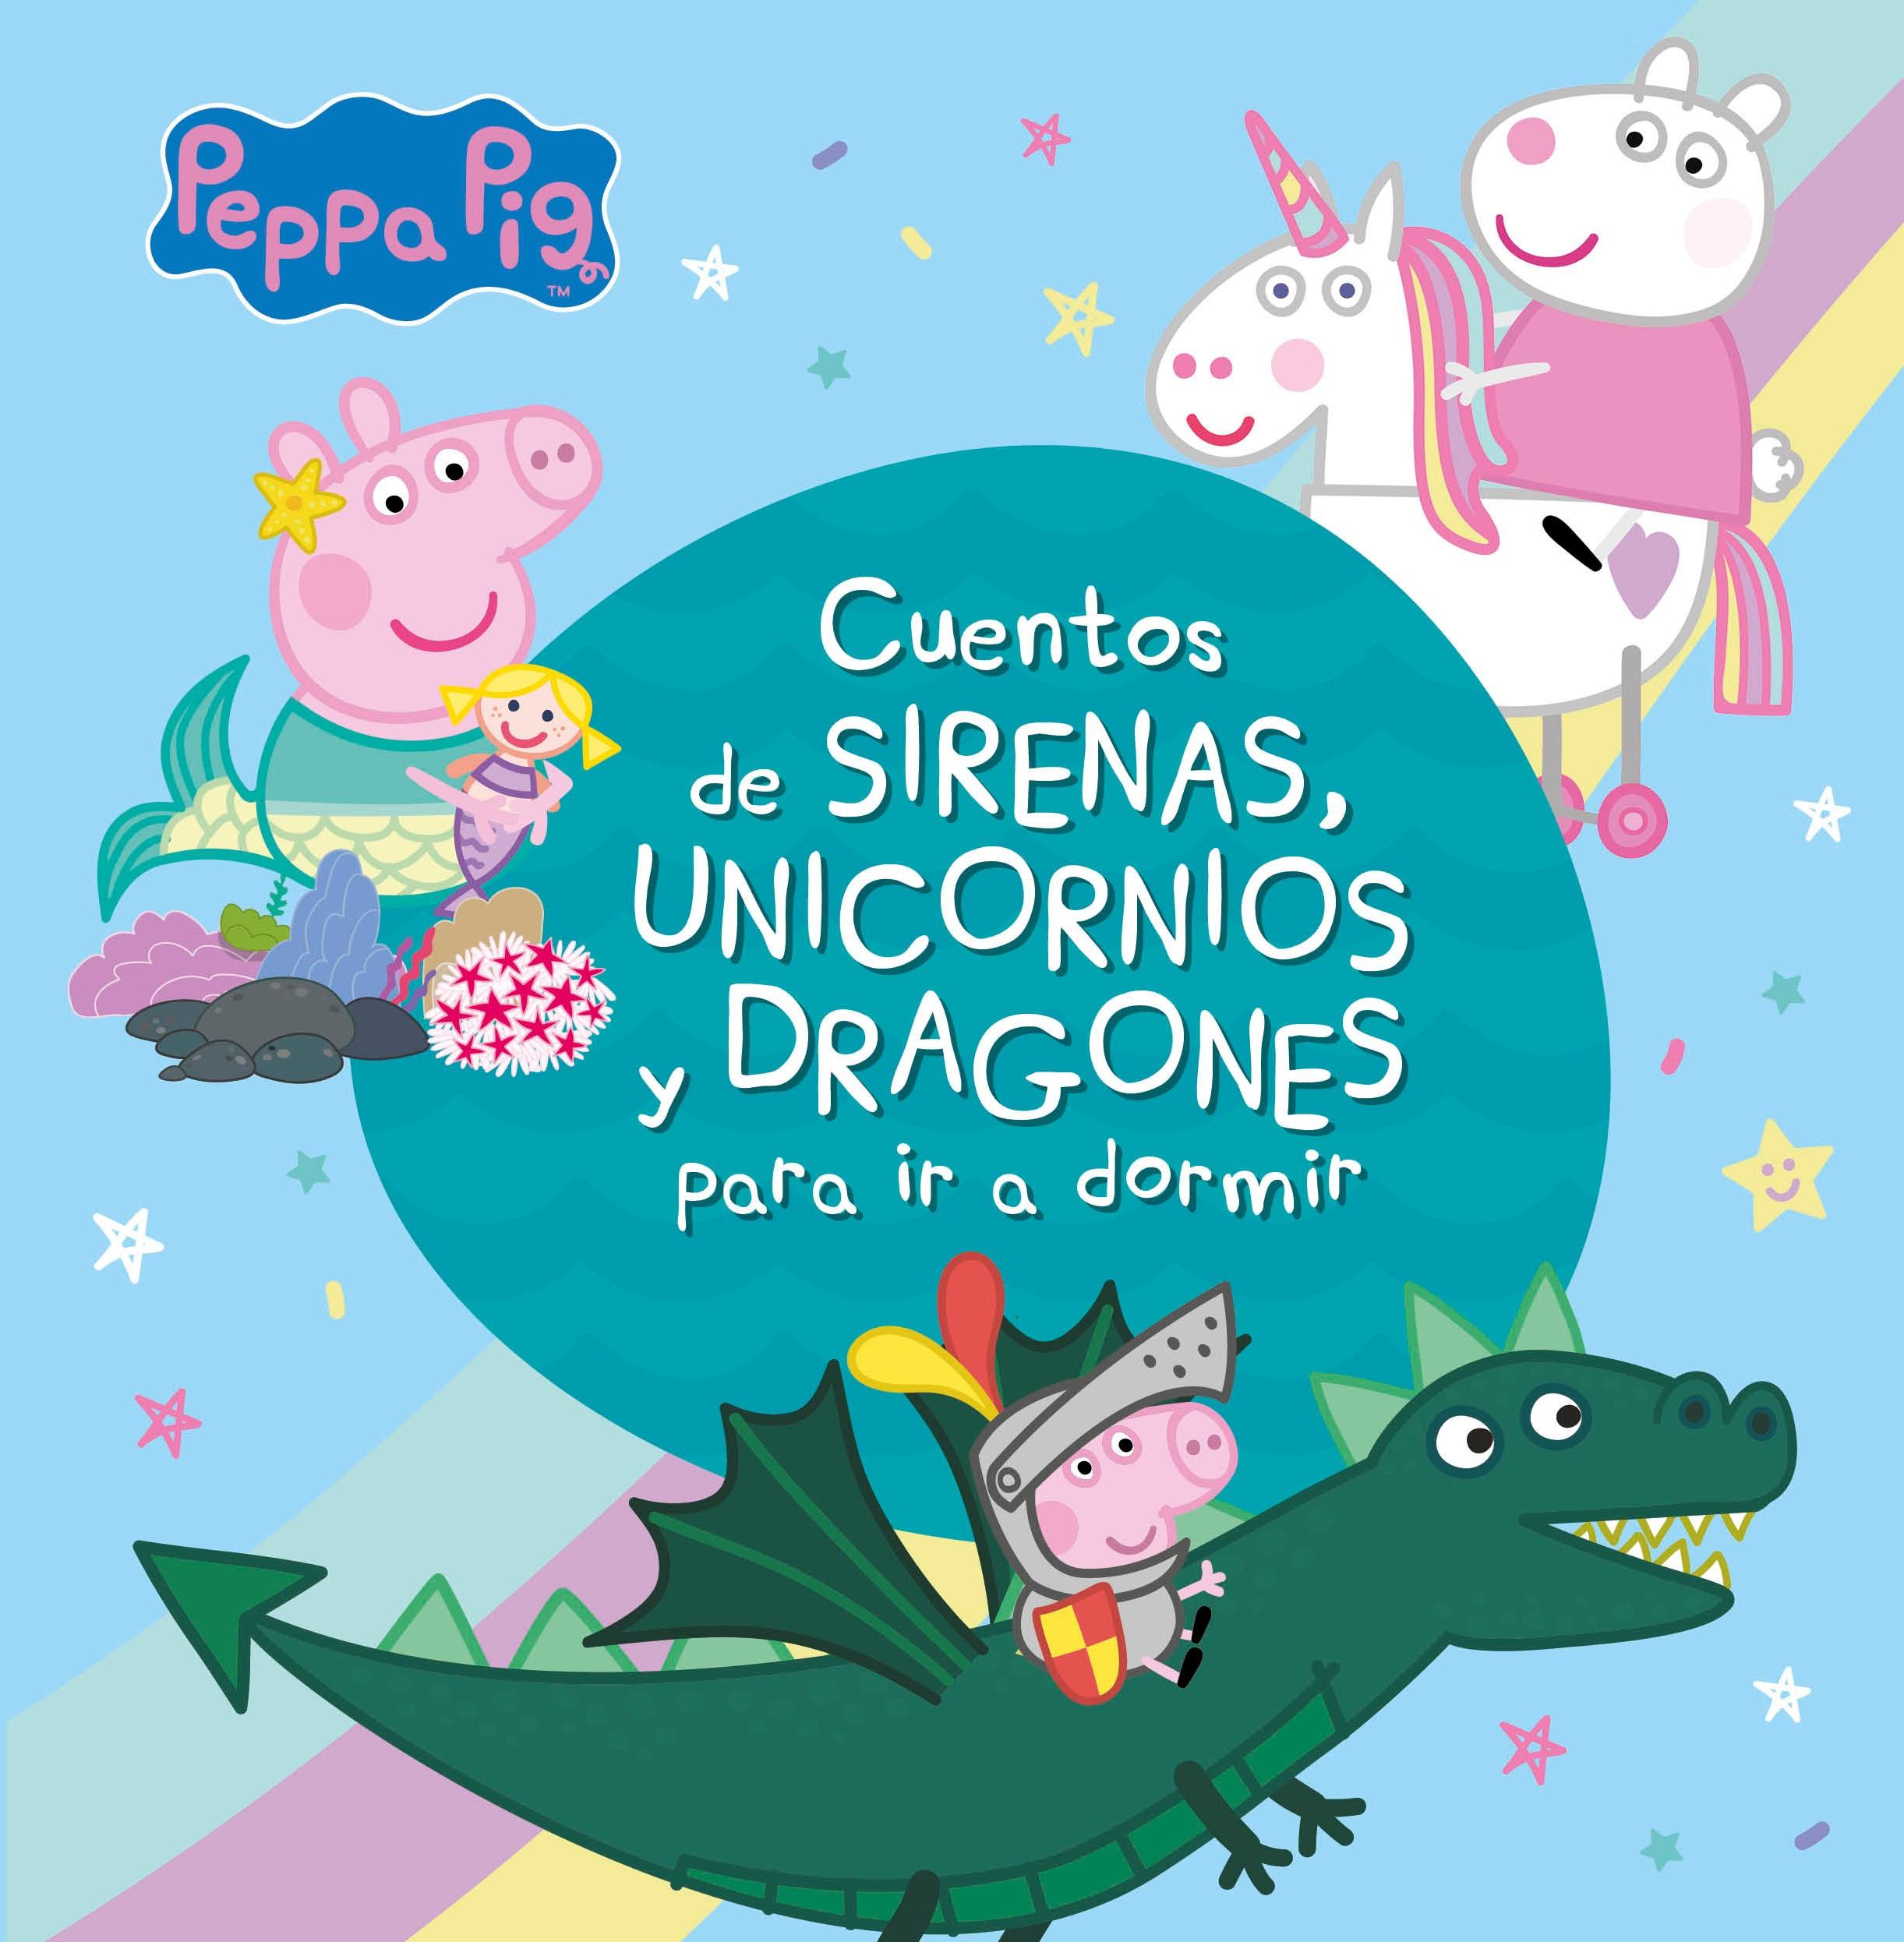 Cuentos de sirenas, unicornios y dragones para ir a dormir (Peppa Pig)